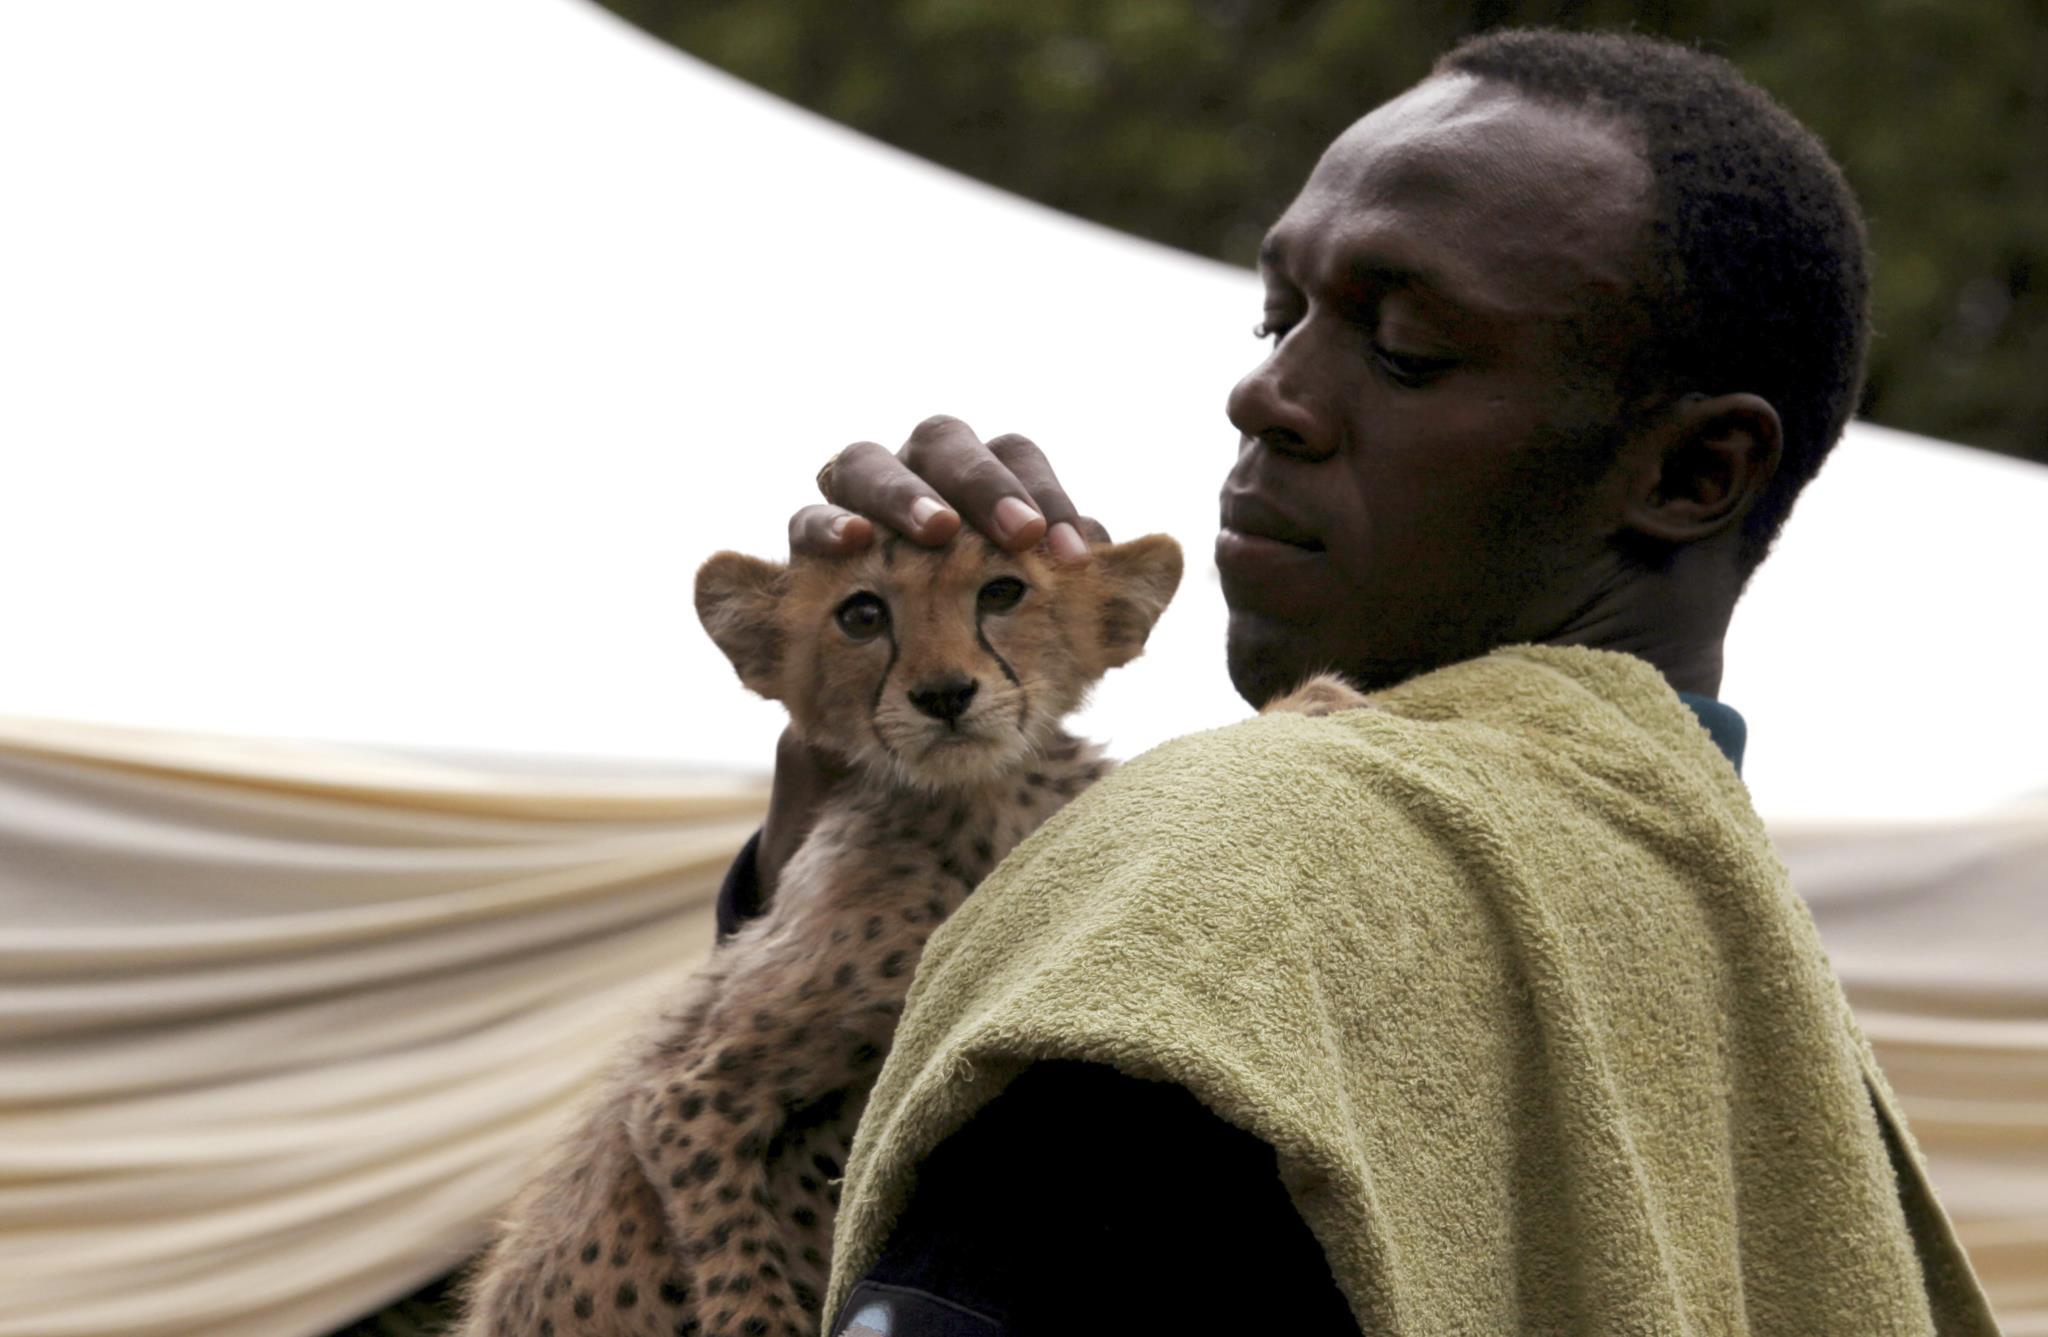 """Em 2009, Bolt, o """"homem mais veloz do mundo"""" adoptou no Quénia o animal mais veloz do mundo, uma chita, baptizando-a de """"relâmpago""""."""